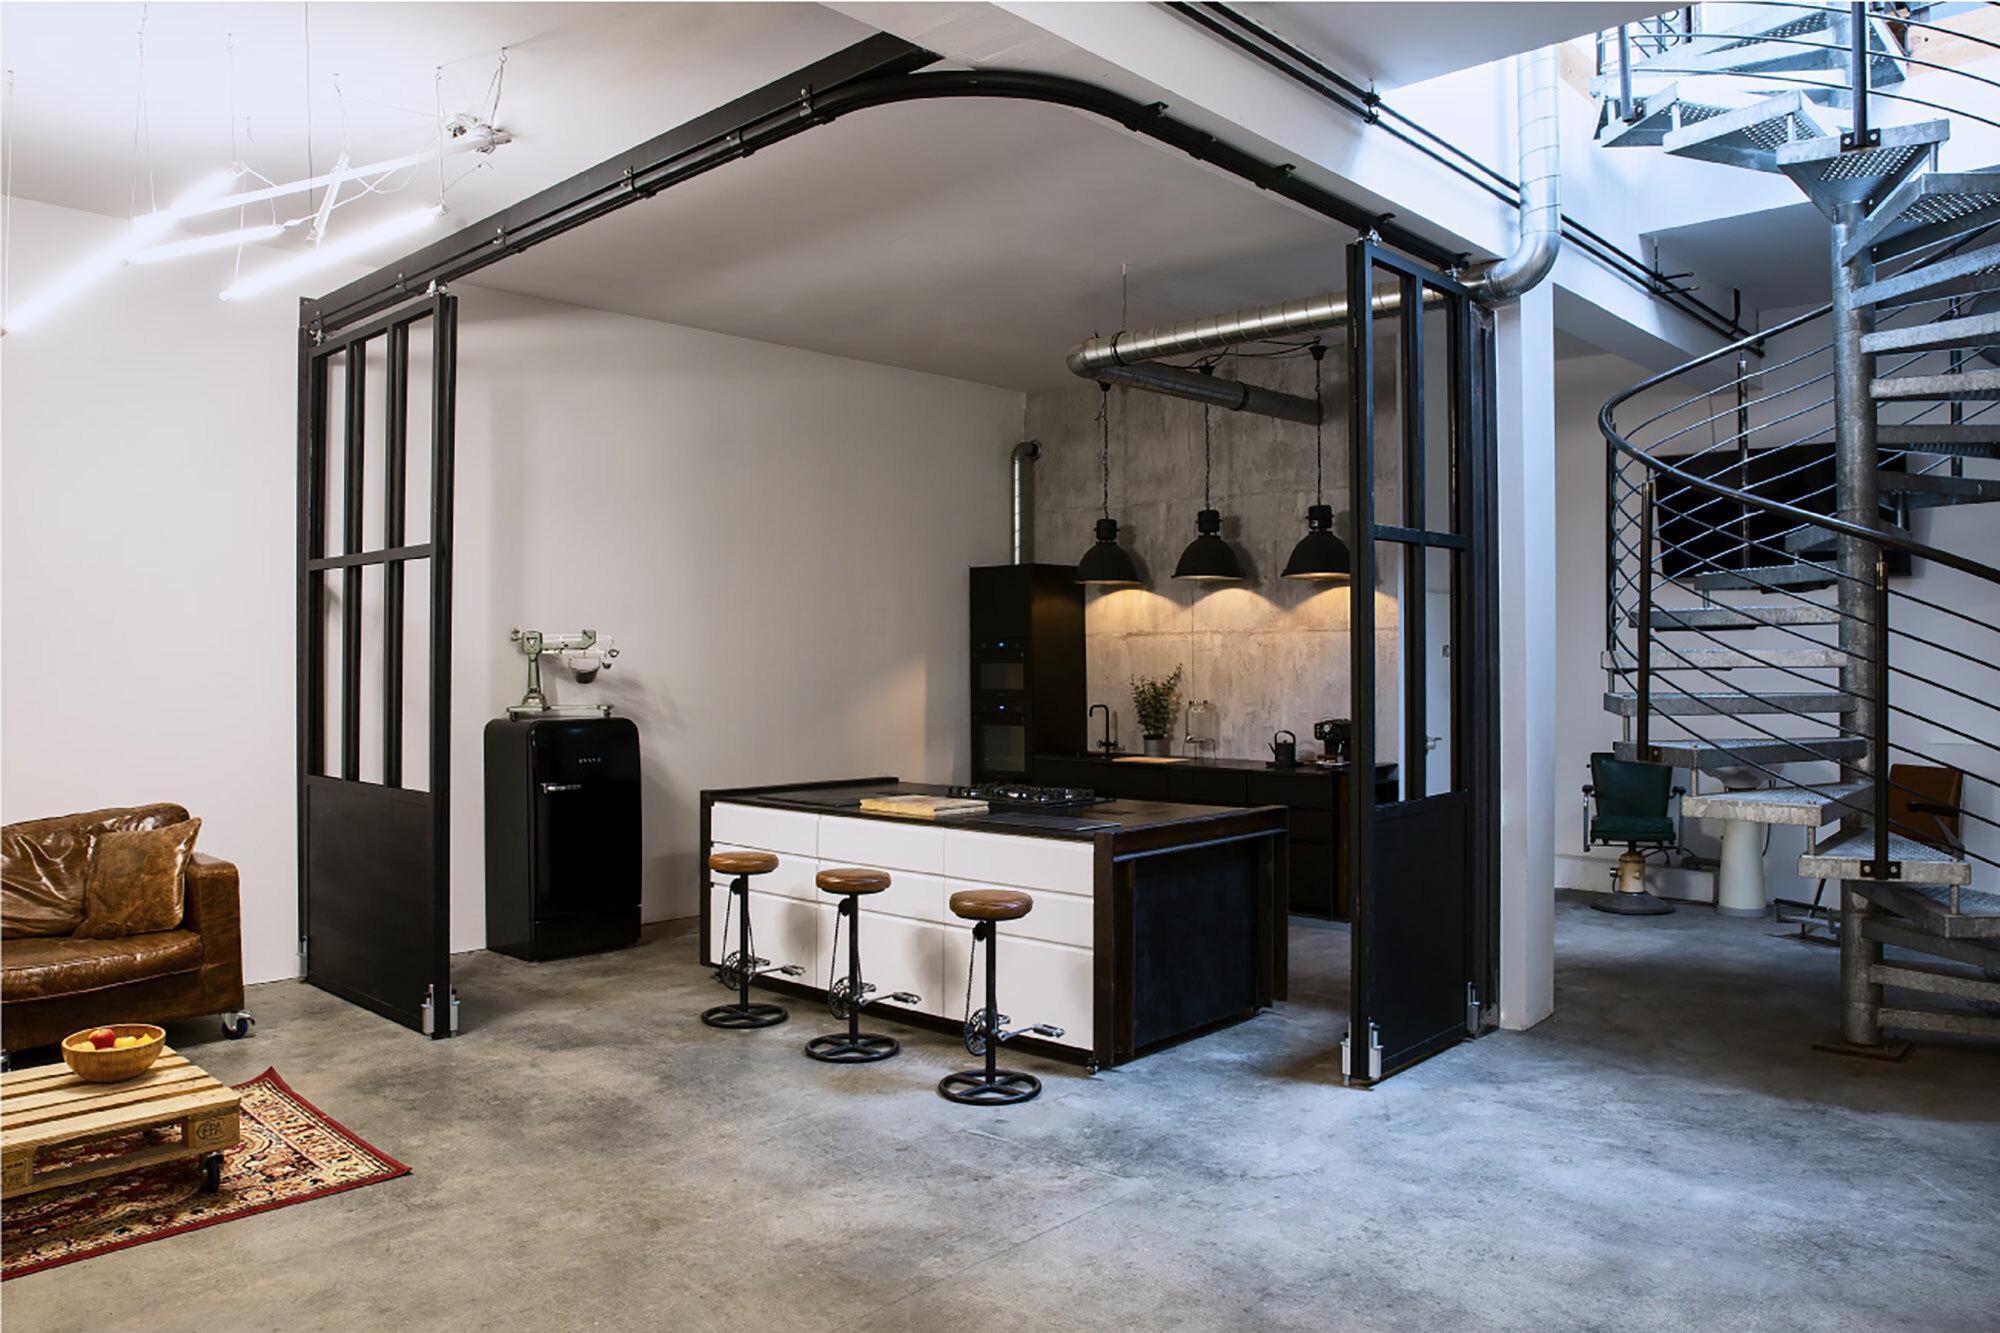 Hamburg Seminarraum Eventraum pixx location | Eventlocation und Kochstudio image 17